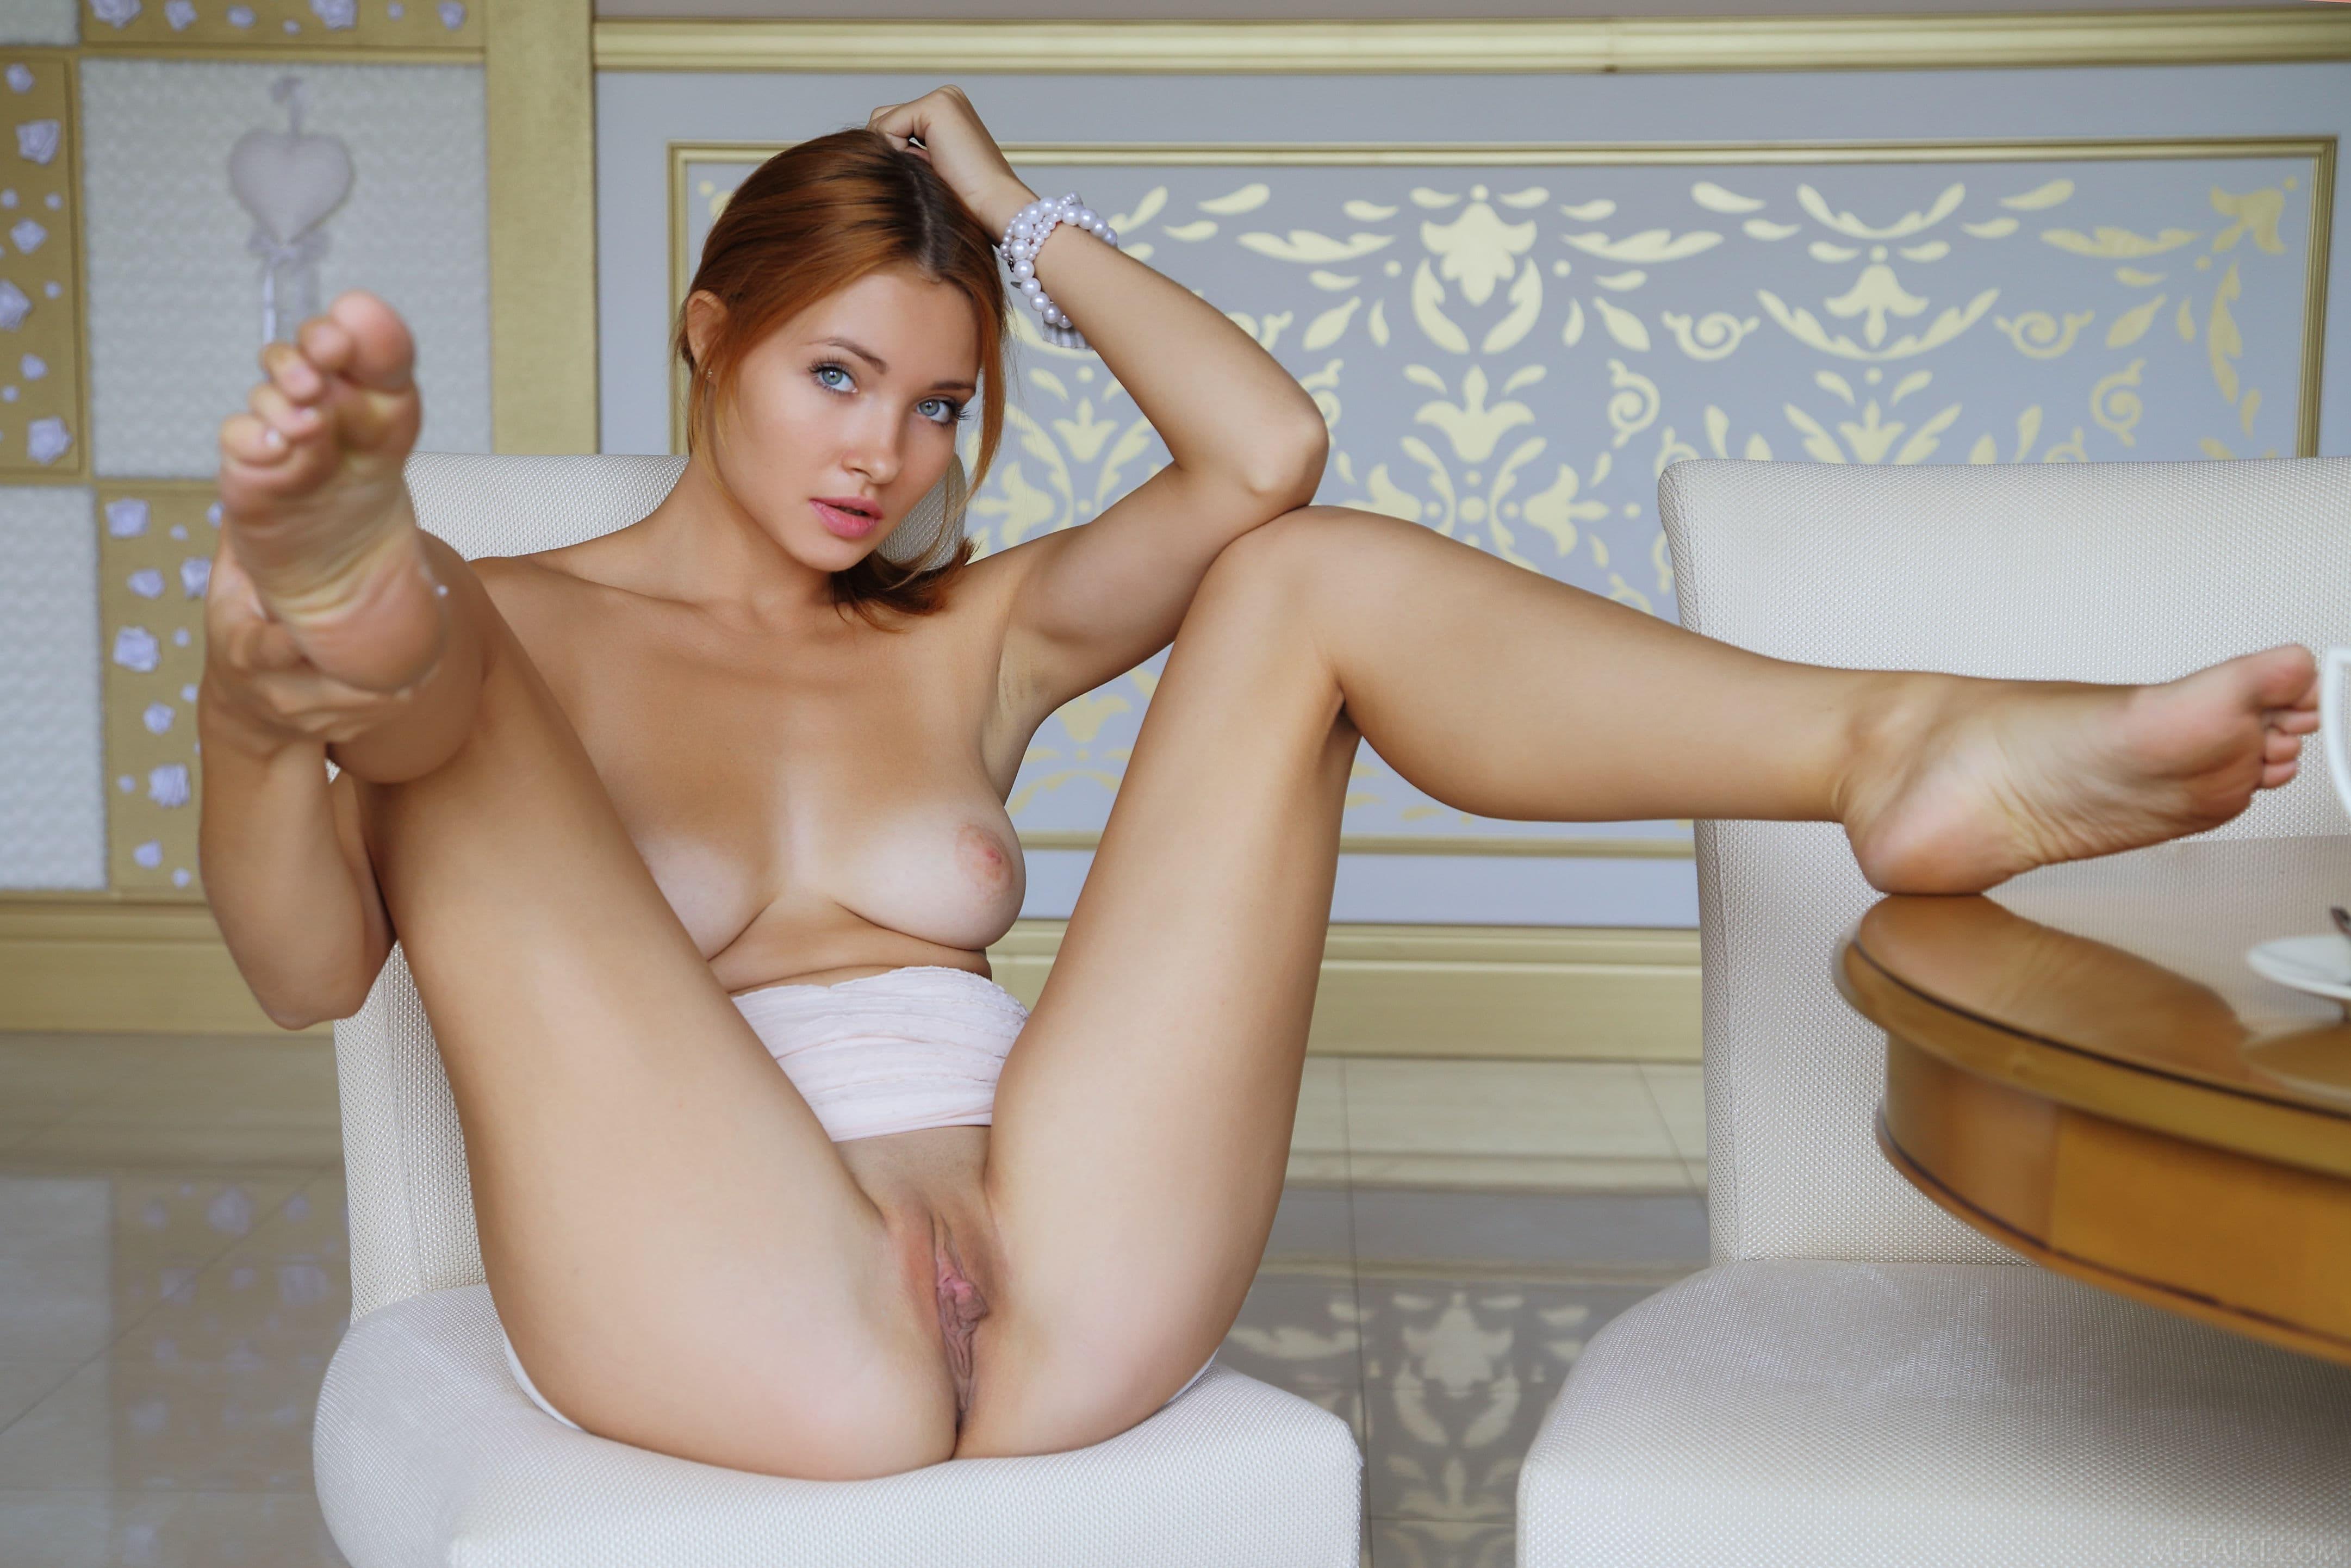 Раздвинула ноги на стуле и показала письку - фото